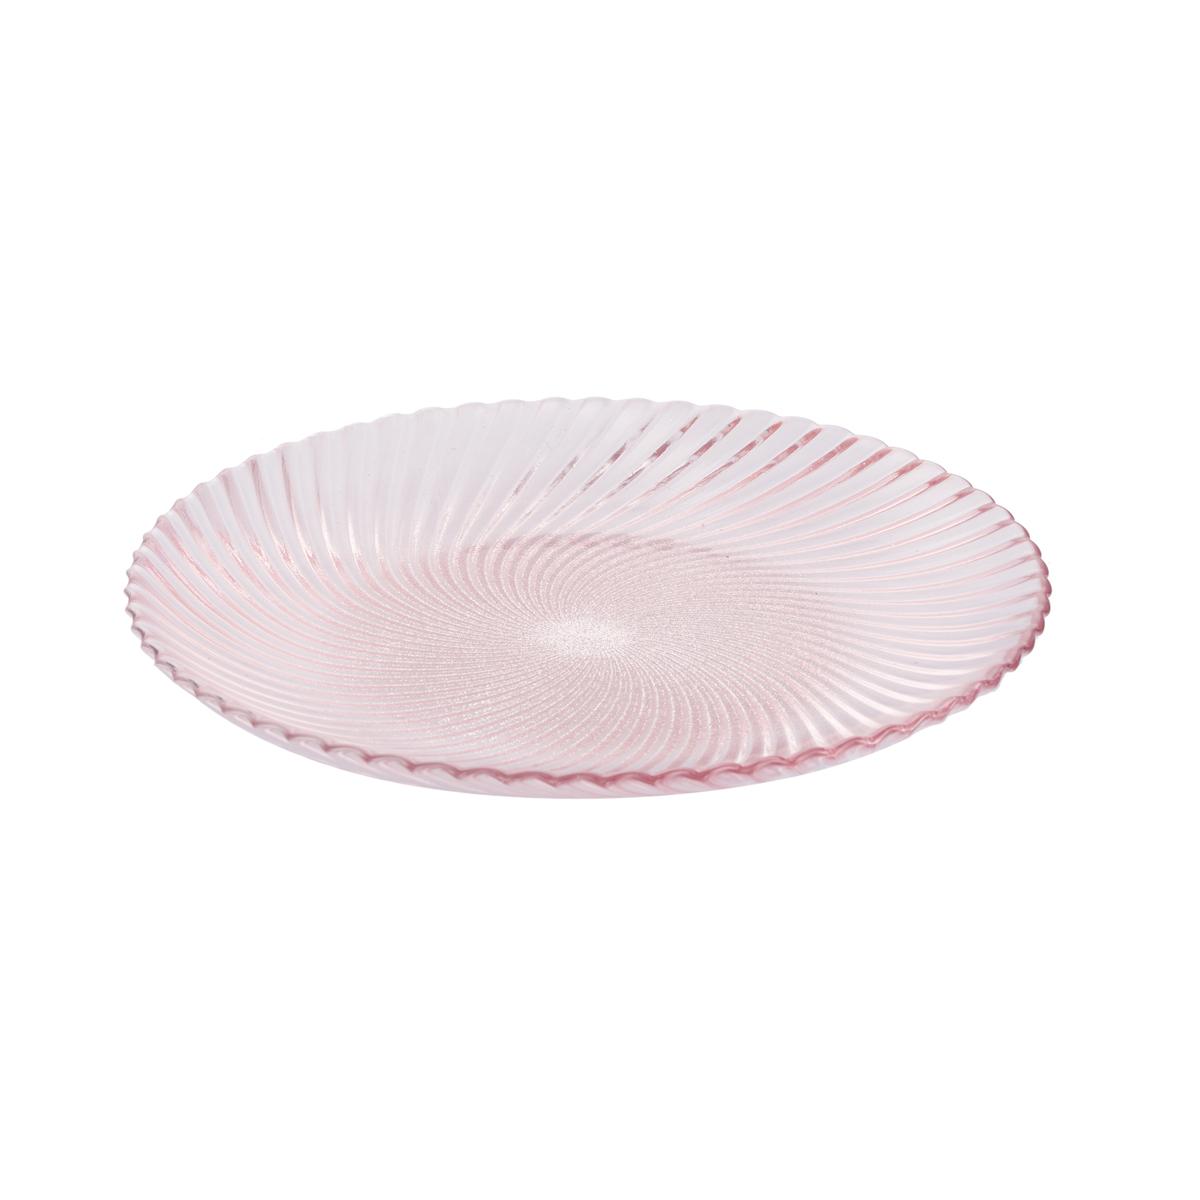 Картинка - Тарелка десертная GIPFEL ELIXIR 41360 21 см